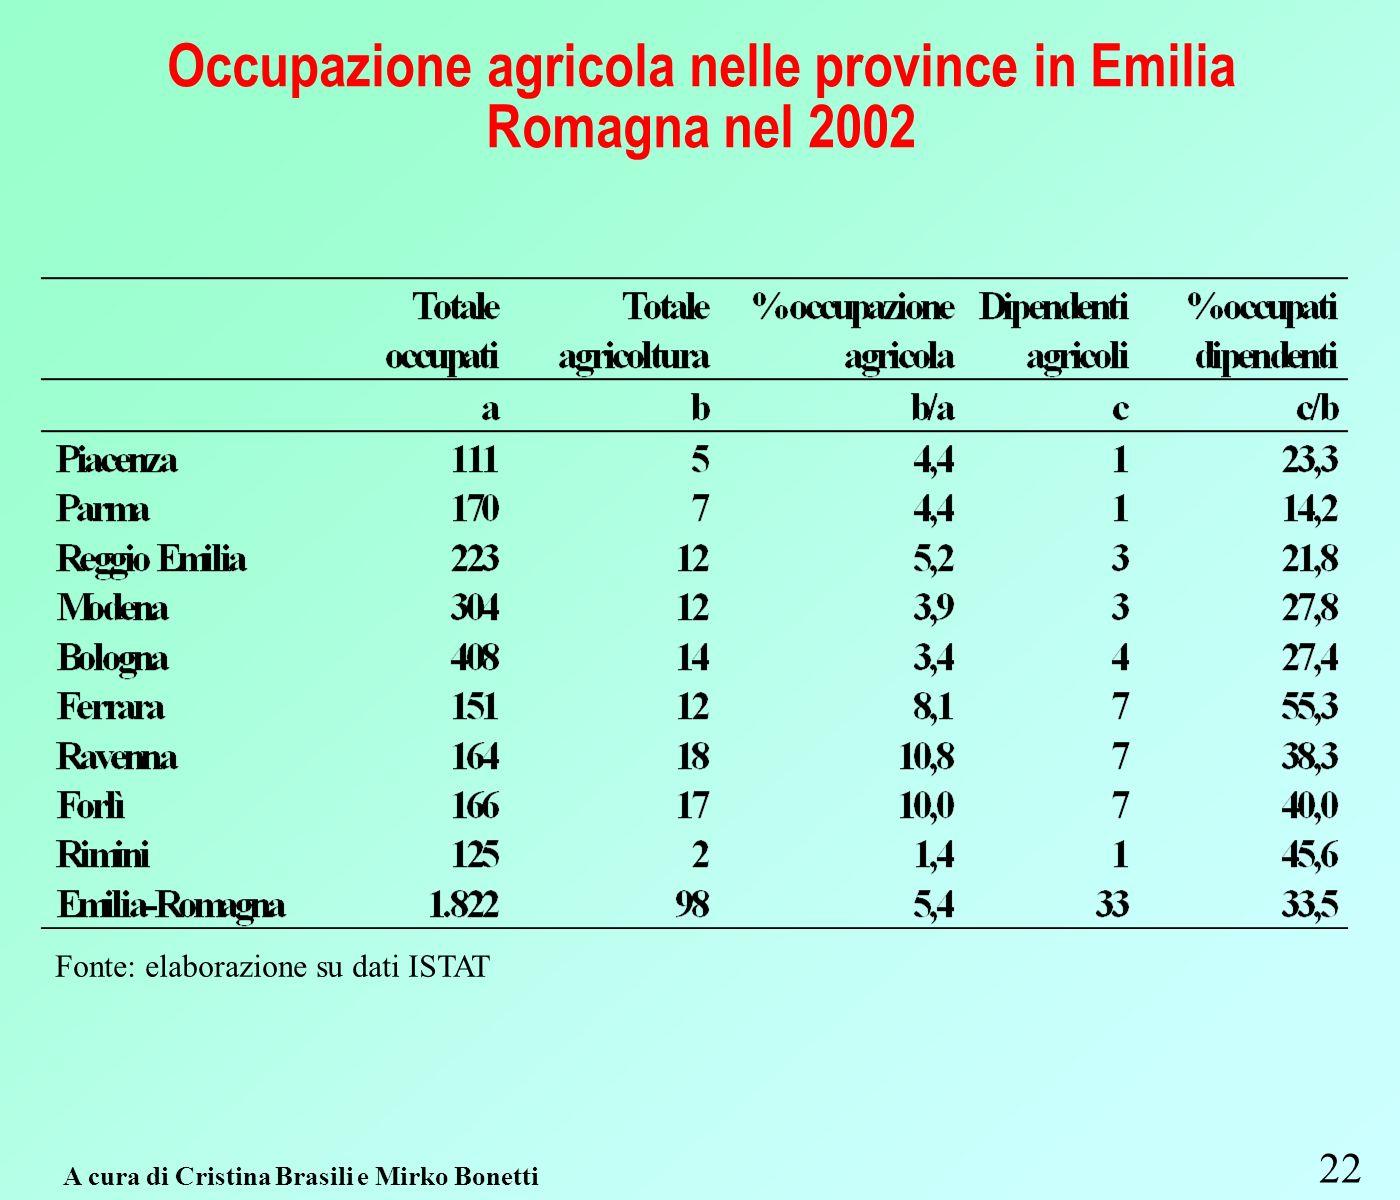 Occupazione agricola nelle province in Emilia Romagna nel 2002 22 A cura di Cristina Brasili e Mirko Bonetti Fonte: elaborazione su dati ISTAT